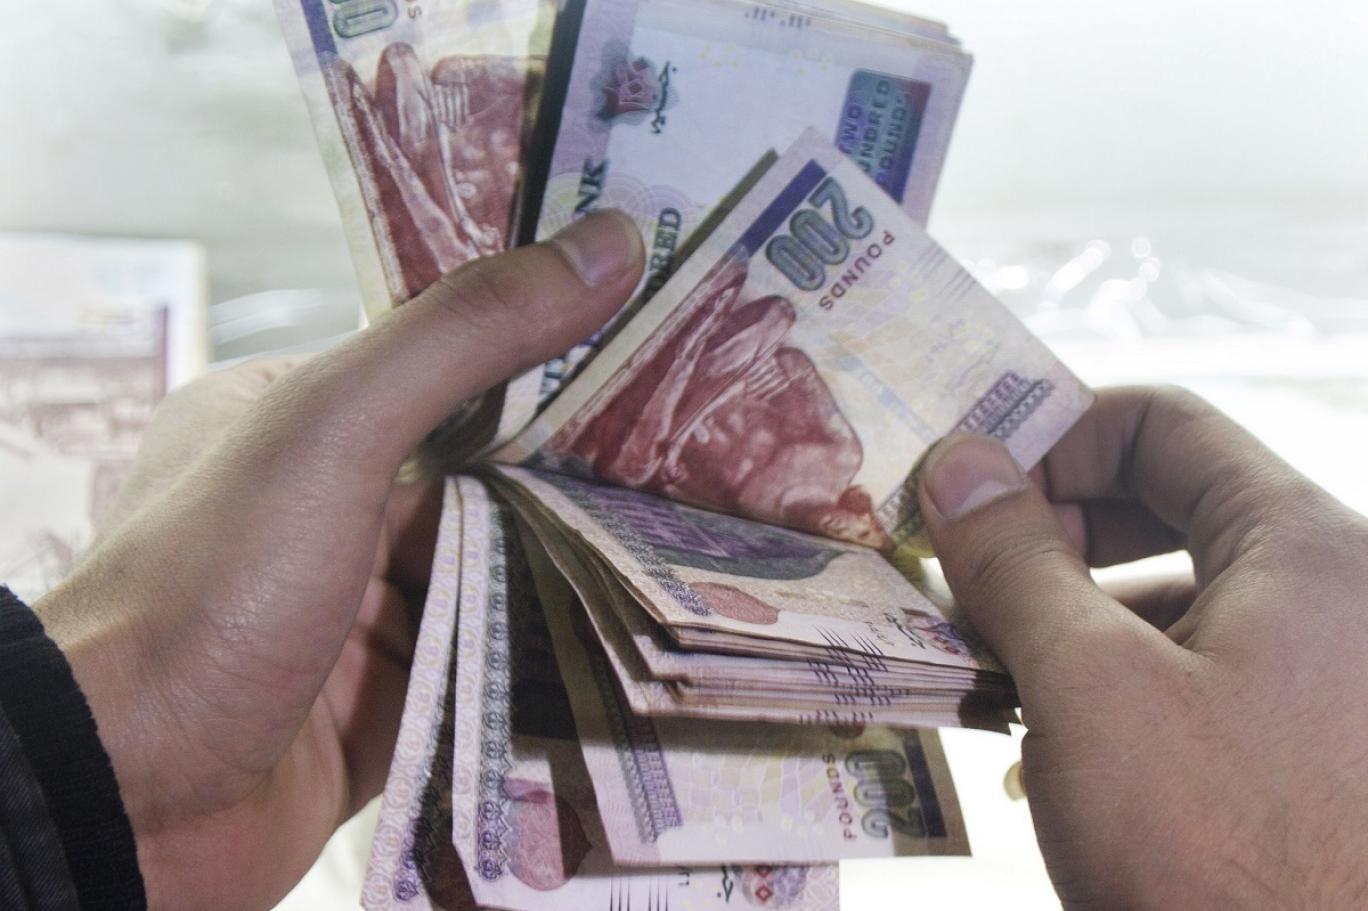 حرب العملات بالأسواق الناشئة الجنيه المصري يتعافى والليرة